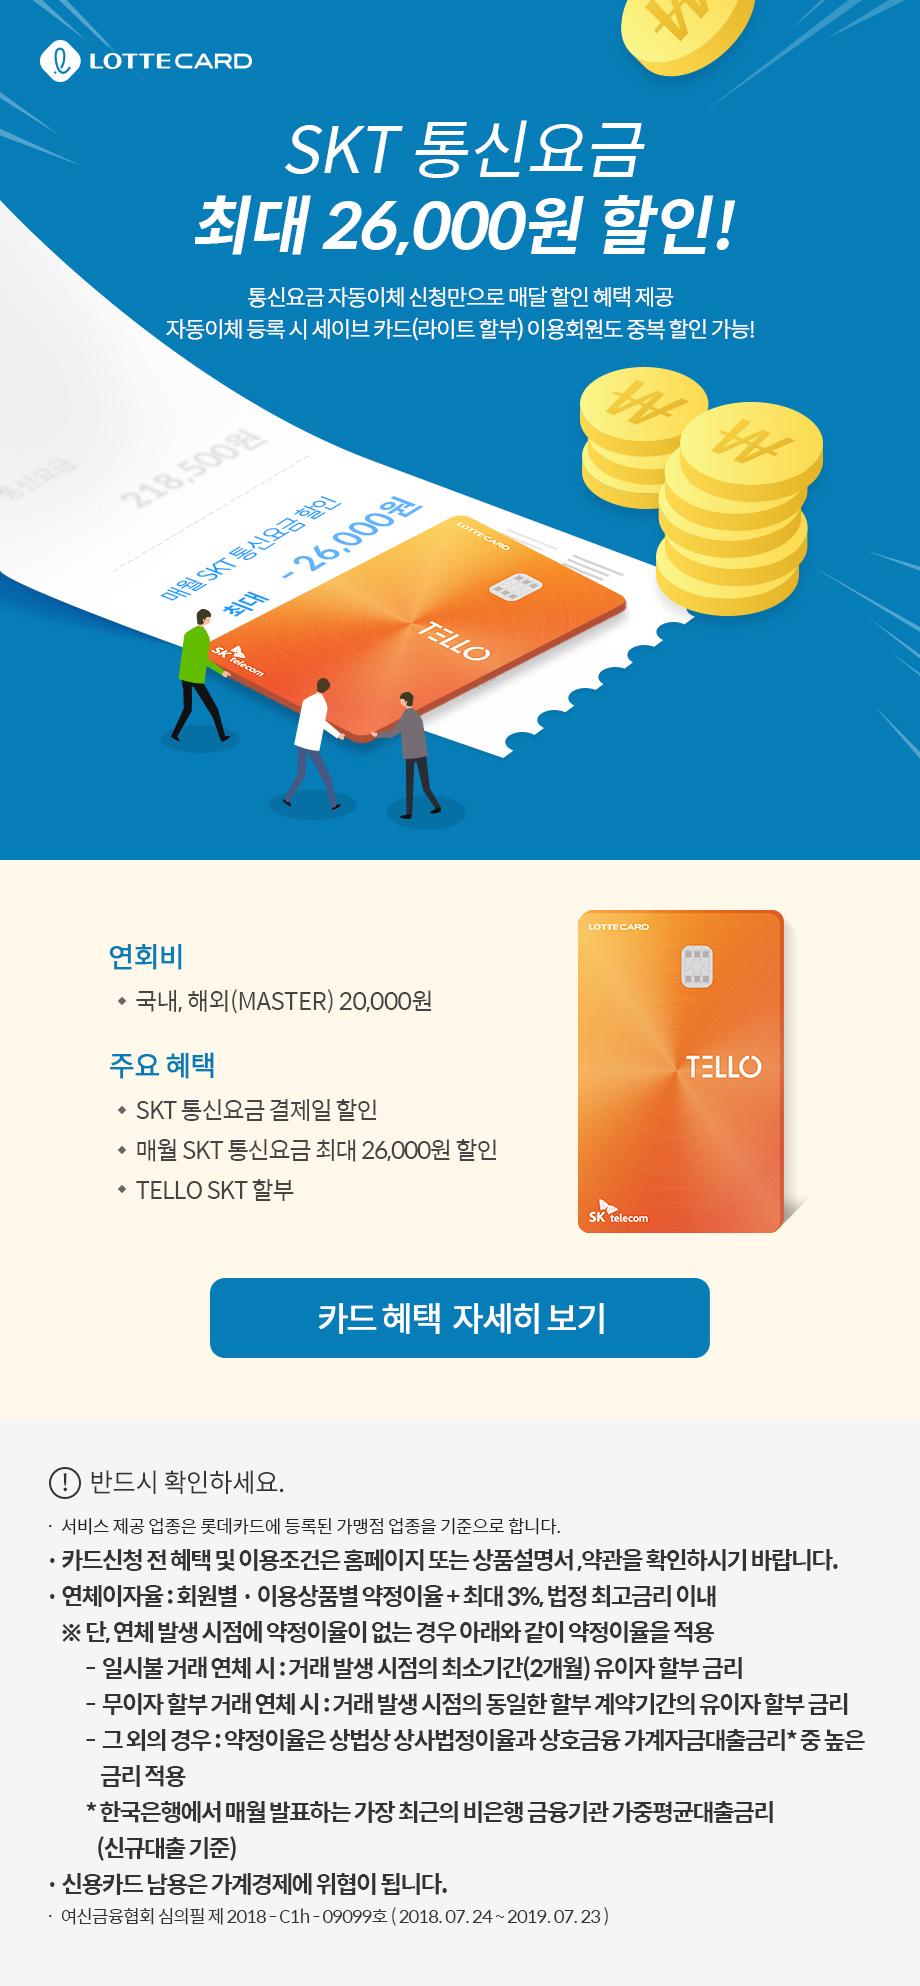 SKT 통신요금 최대 26,000원 할인!